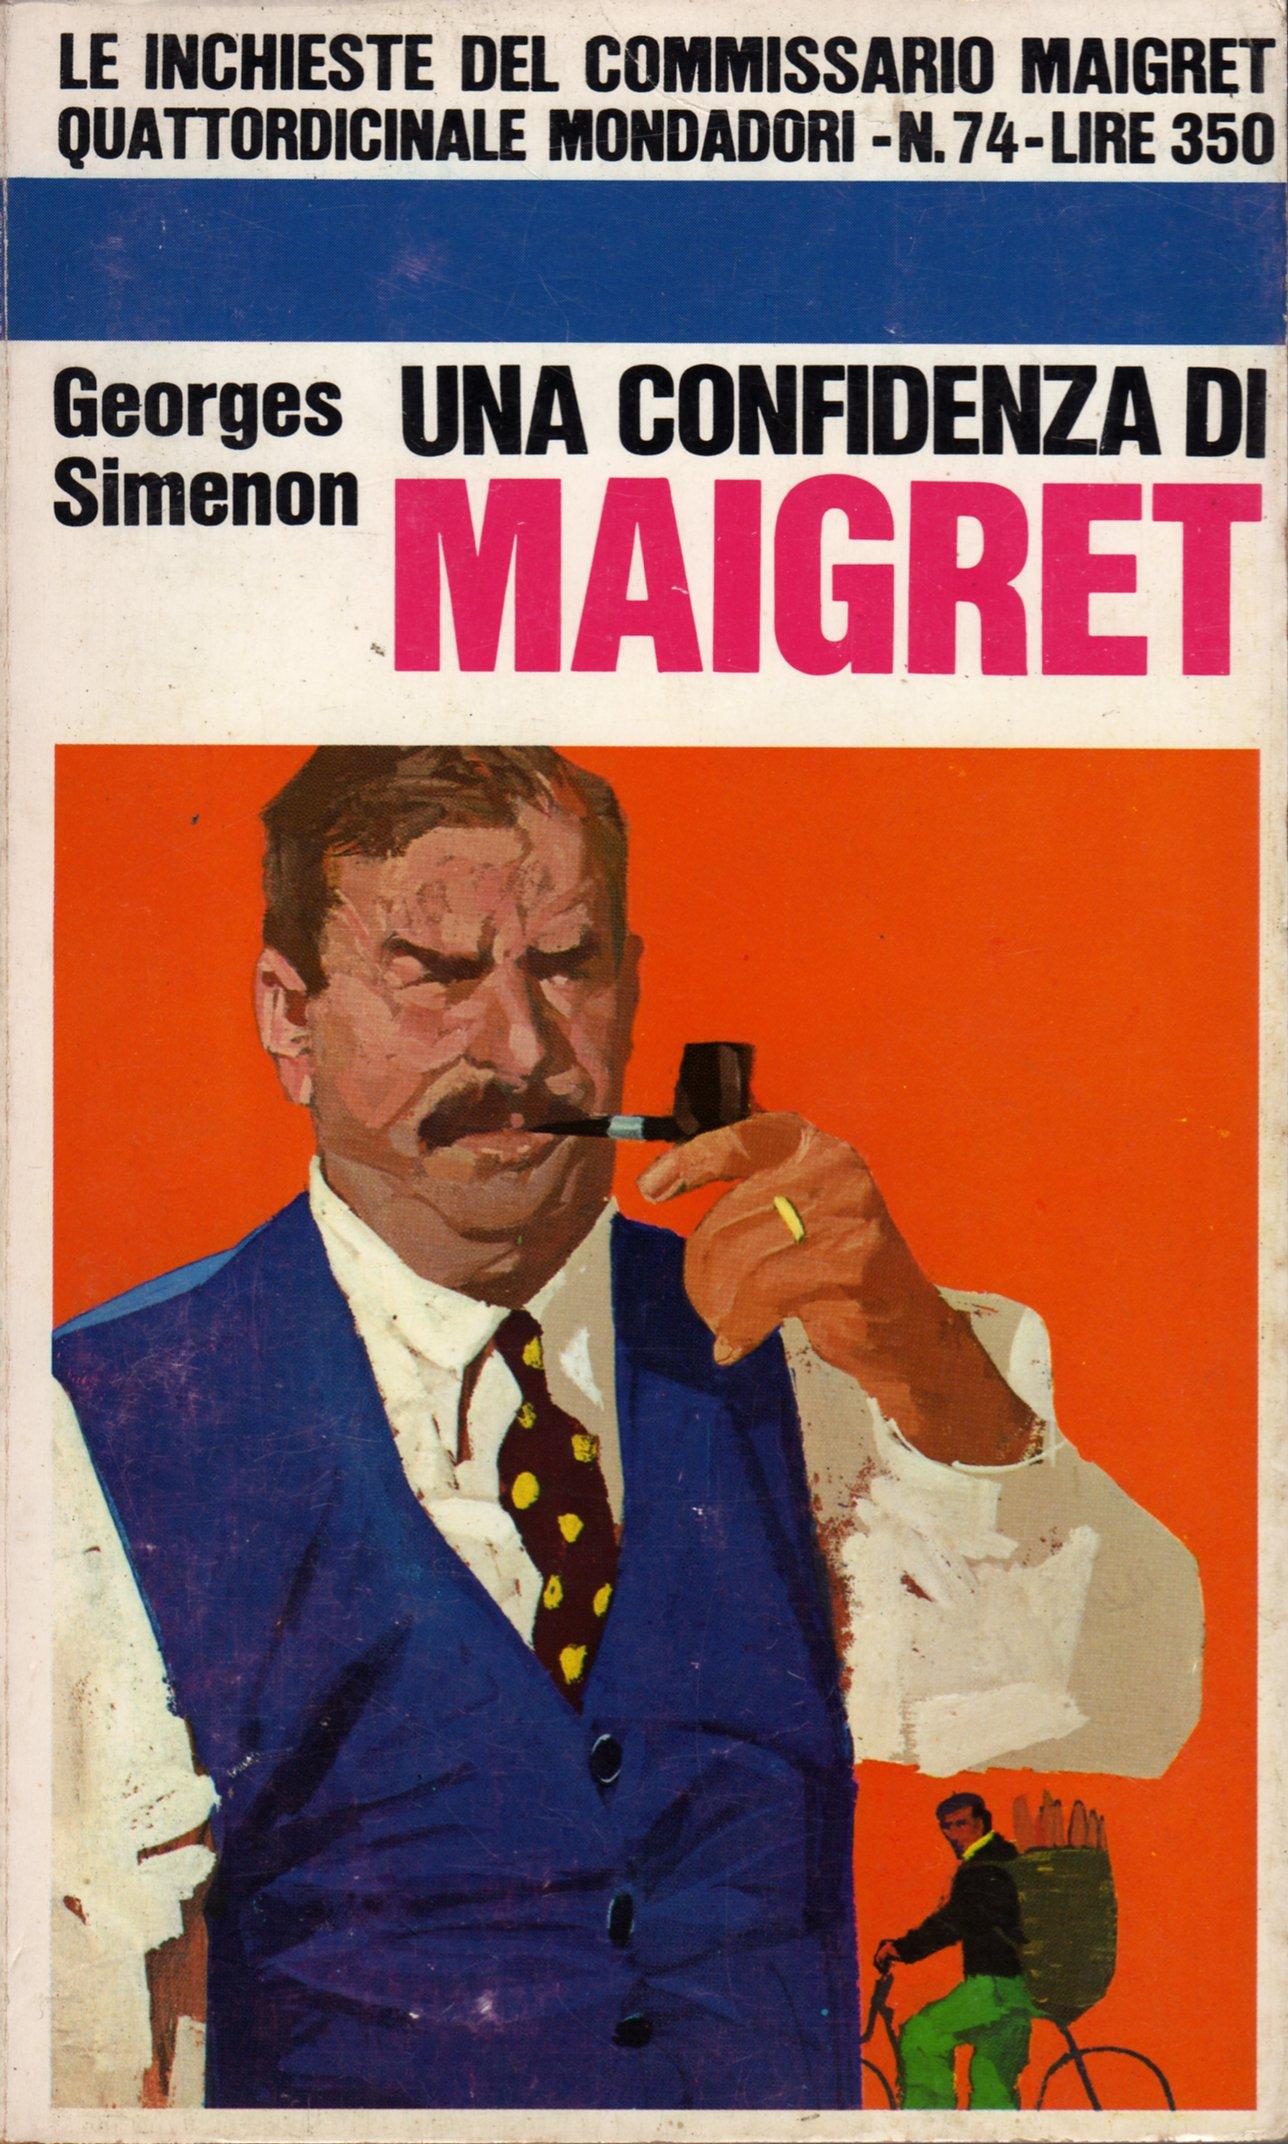 Una confidenza di Maigret